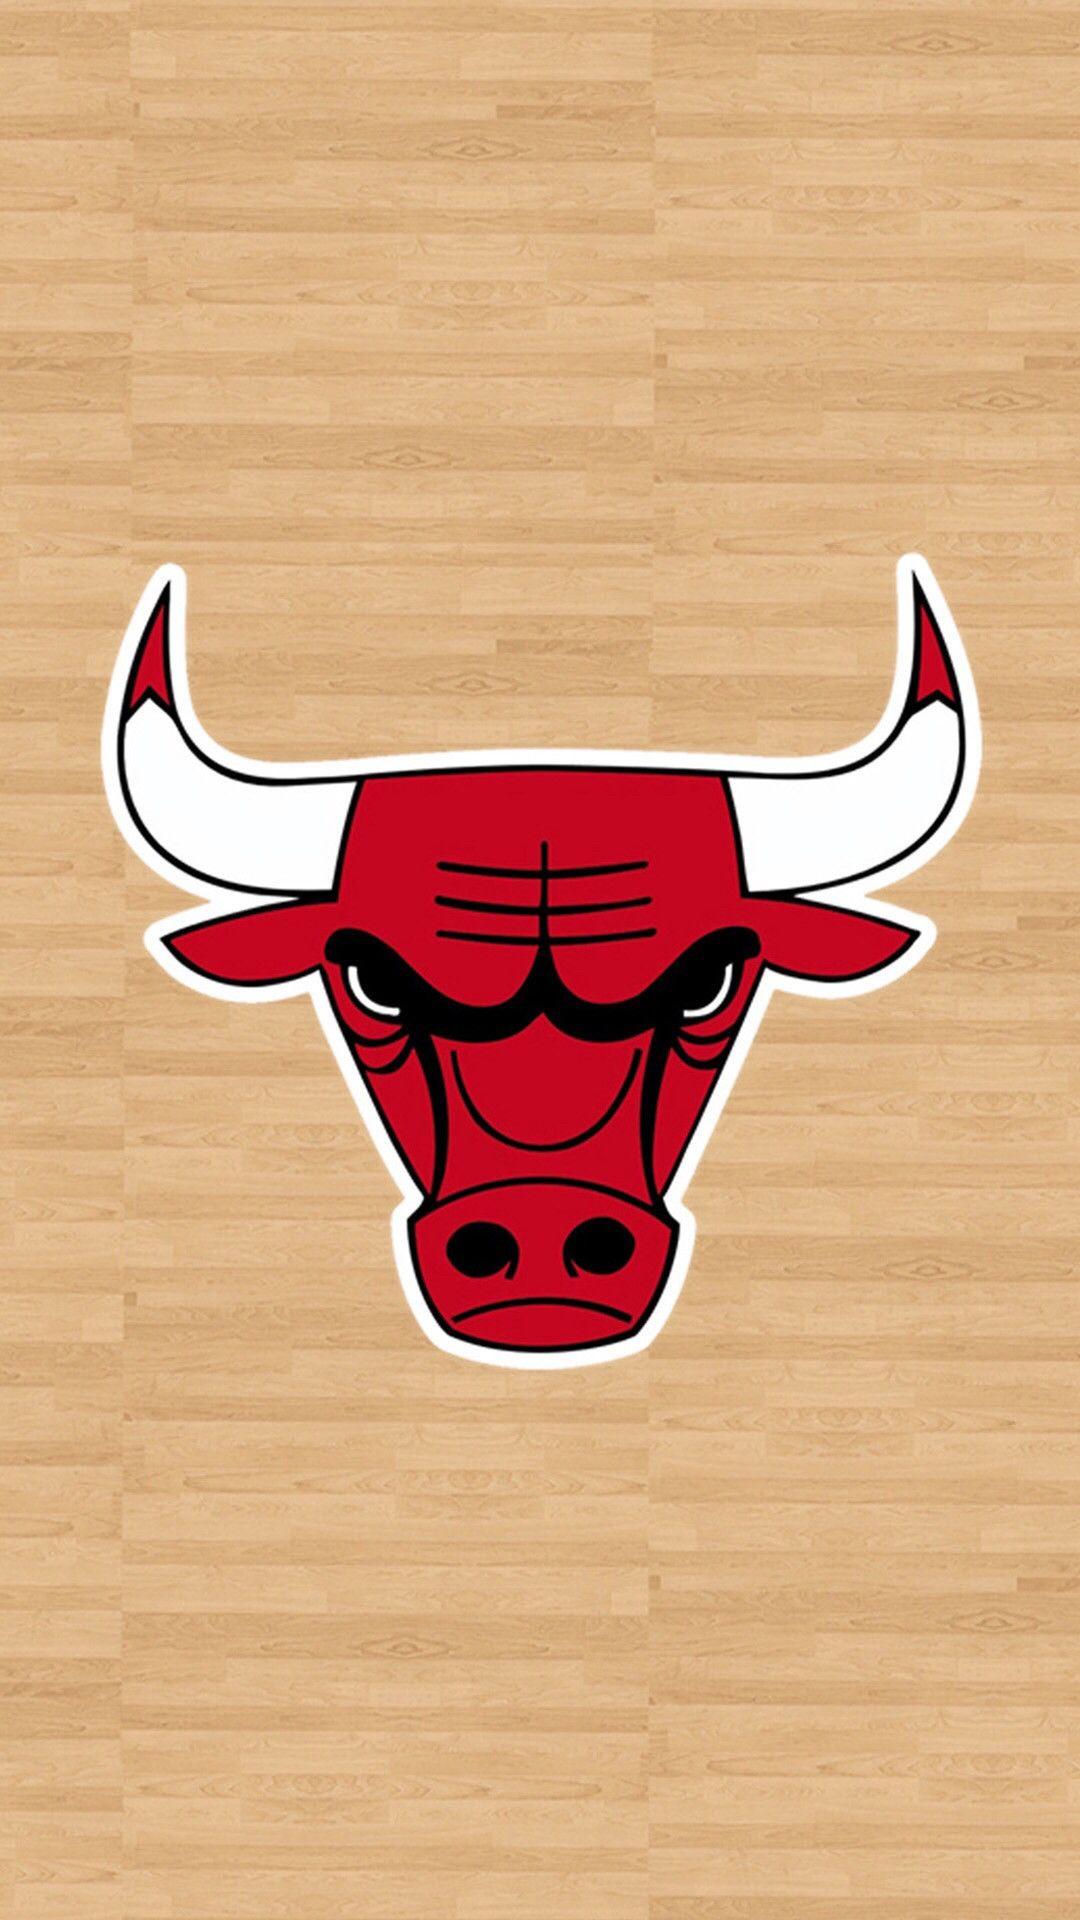 Pin By Joel Escobar On Toro In 2020 Bulls Wallpaper Chicago Bulls Wallpaper Logo Chicago Bulls